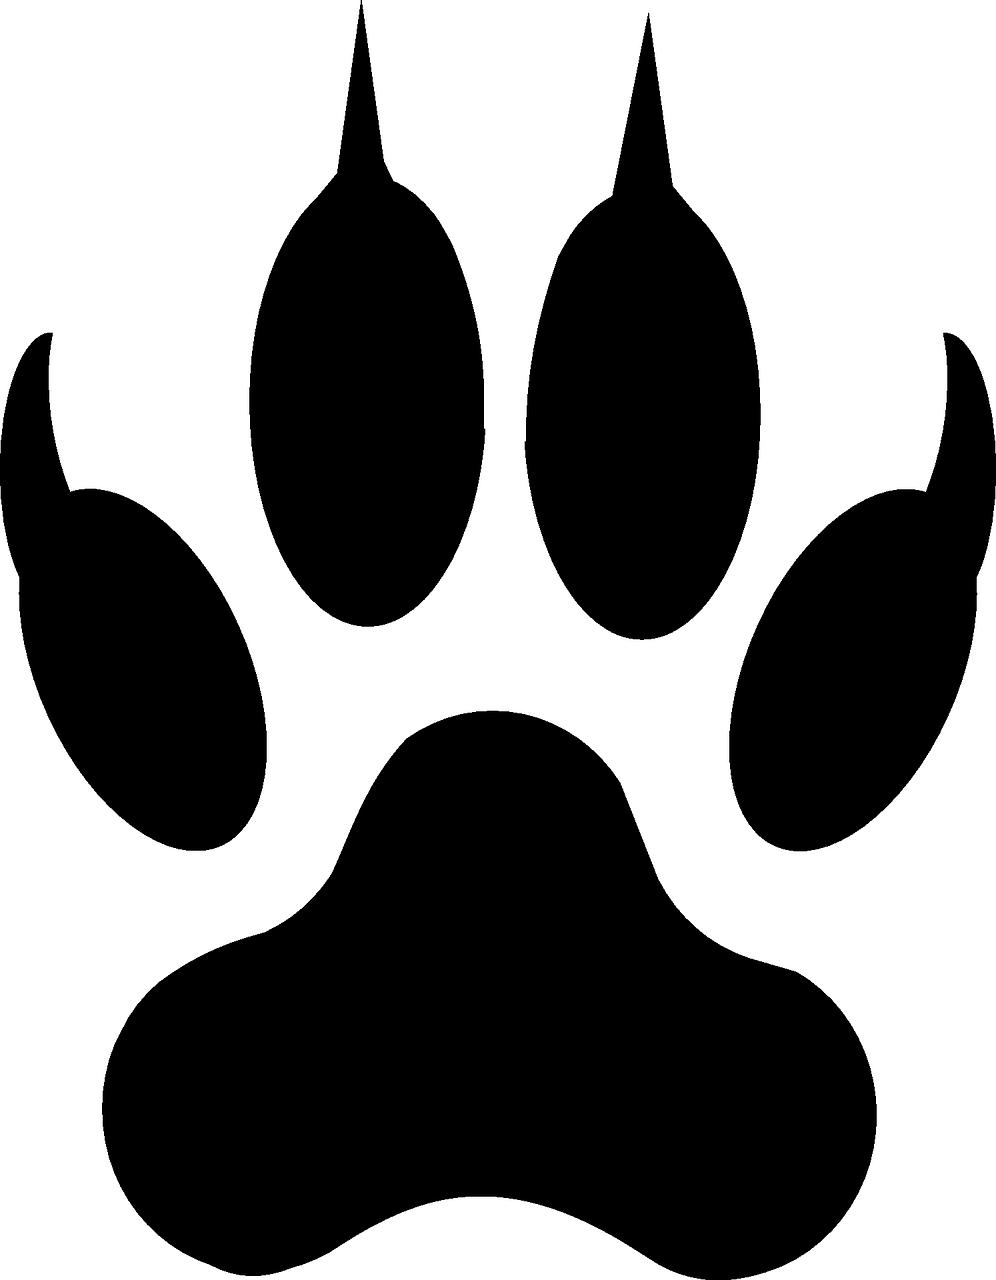 Image gratuite sur pixabay wolf empreinte lion tigre patte lion tigre wolf et patte - Trace de patte de chat ...